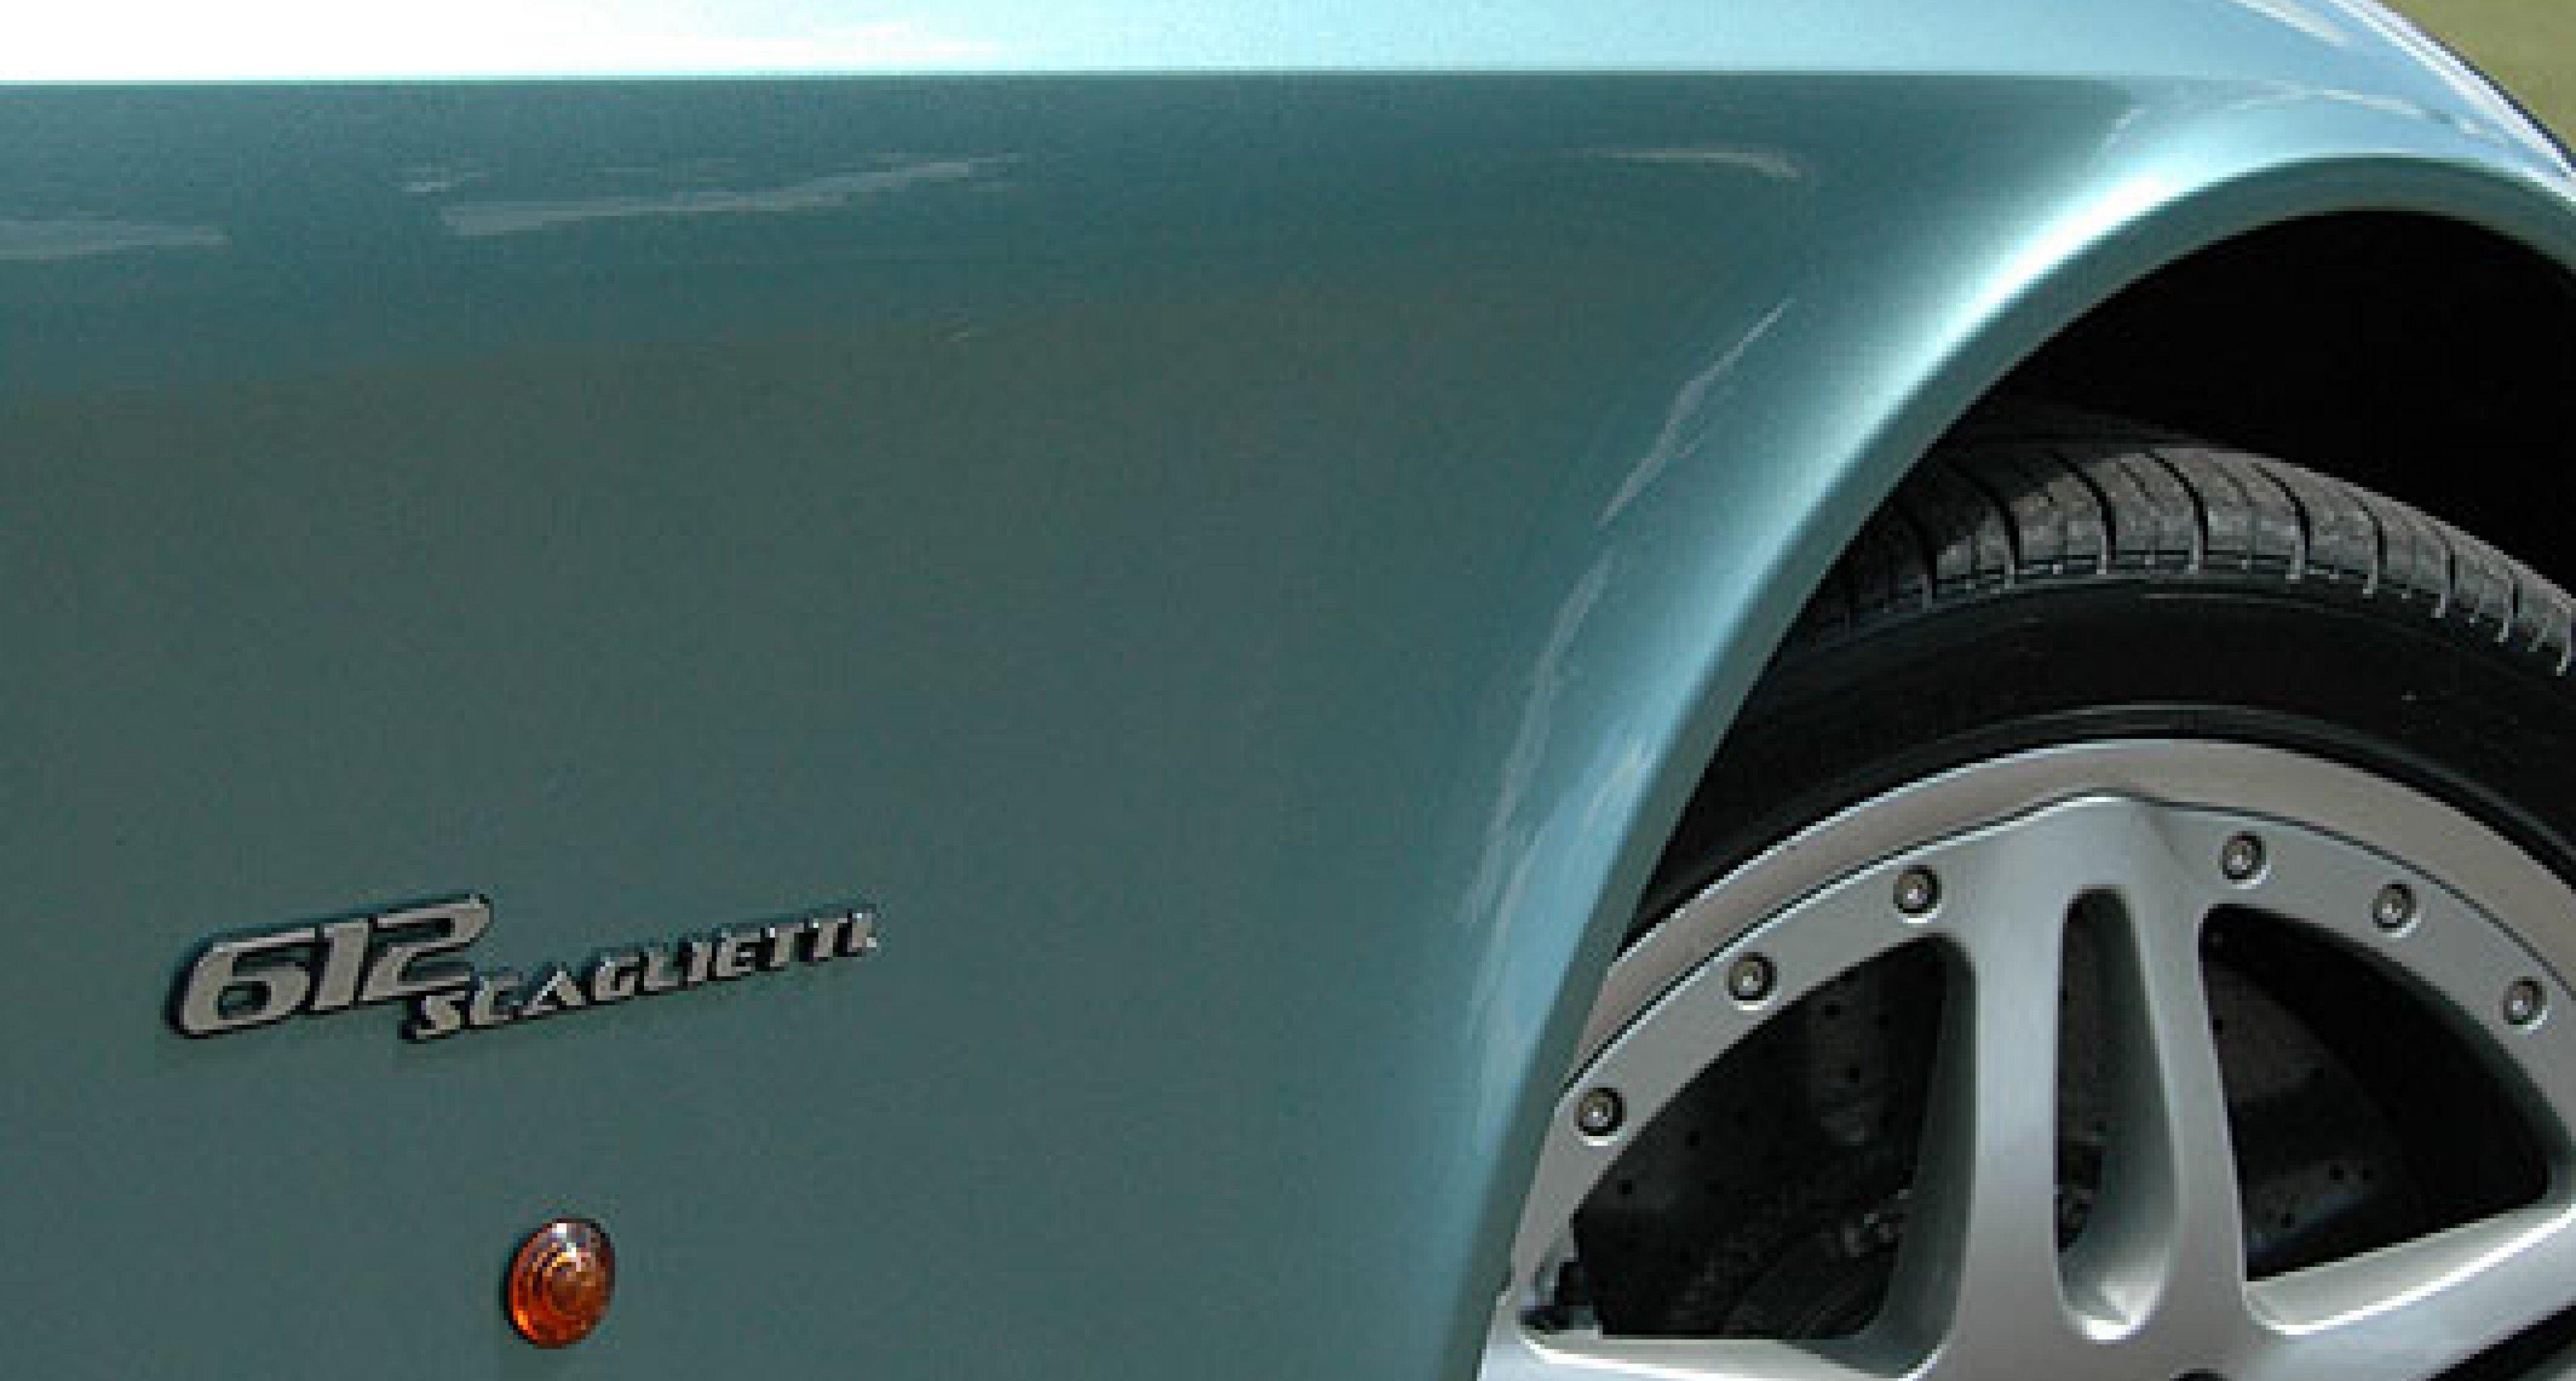 Out of the Blue: Ferrari 612 Scaglietti HGTC